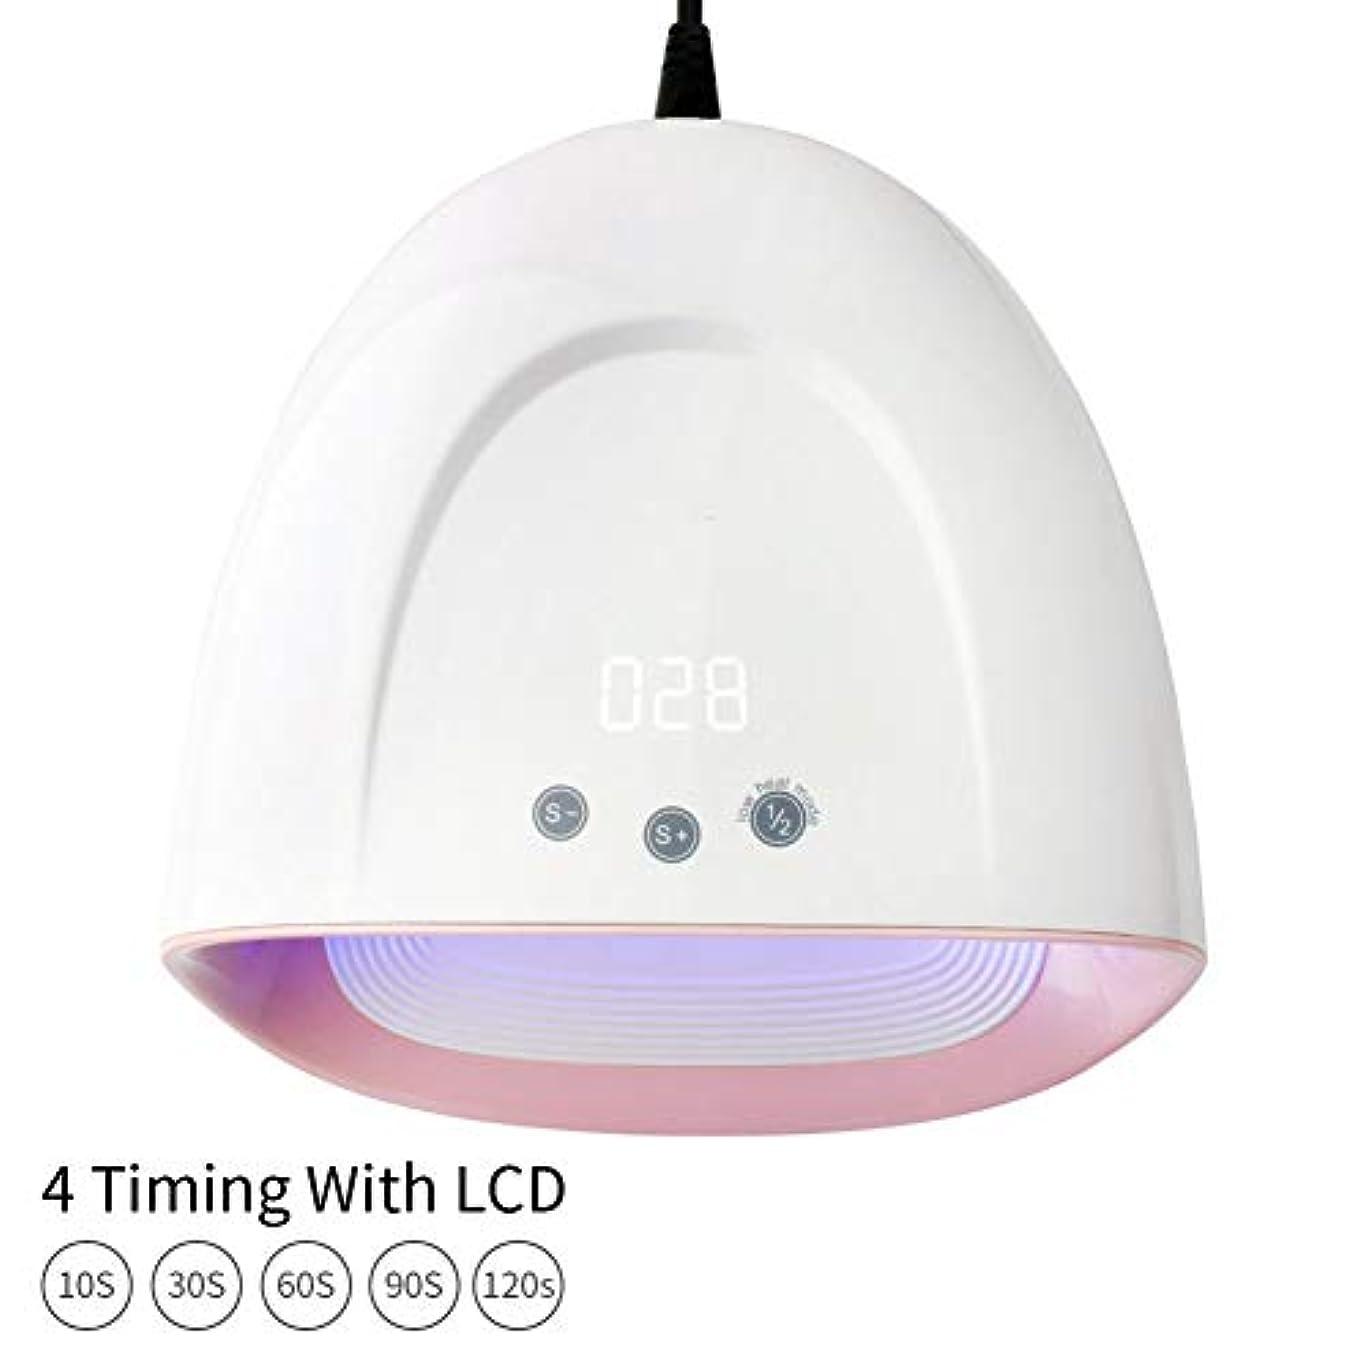 期限条件付きキャッシュネイルドライヤー - LED光線療法ネイルマシン60Wマルチタイムタイミング33ランプビーズ4スピードタイミング接着剤隠しデジタルスクリーン